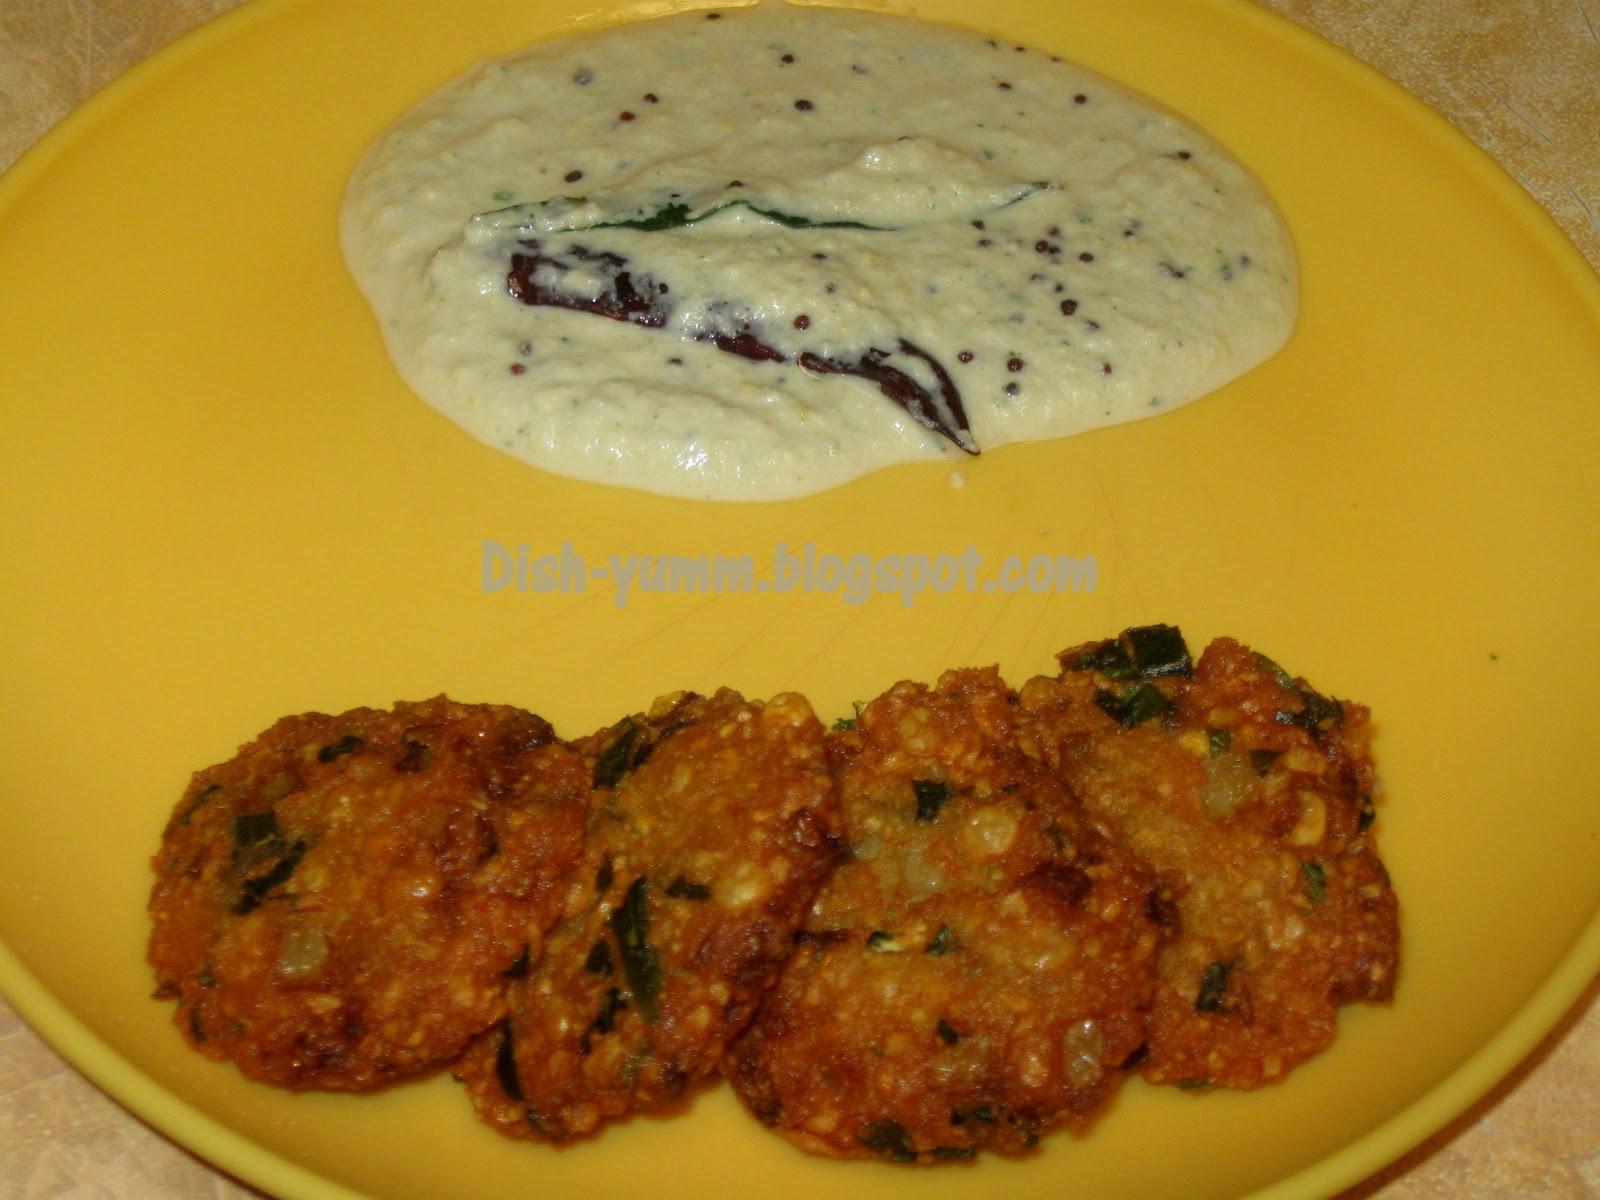 Dish-yumm!!!: Masala Vadai/Spicy Lentil Fritters..